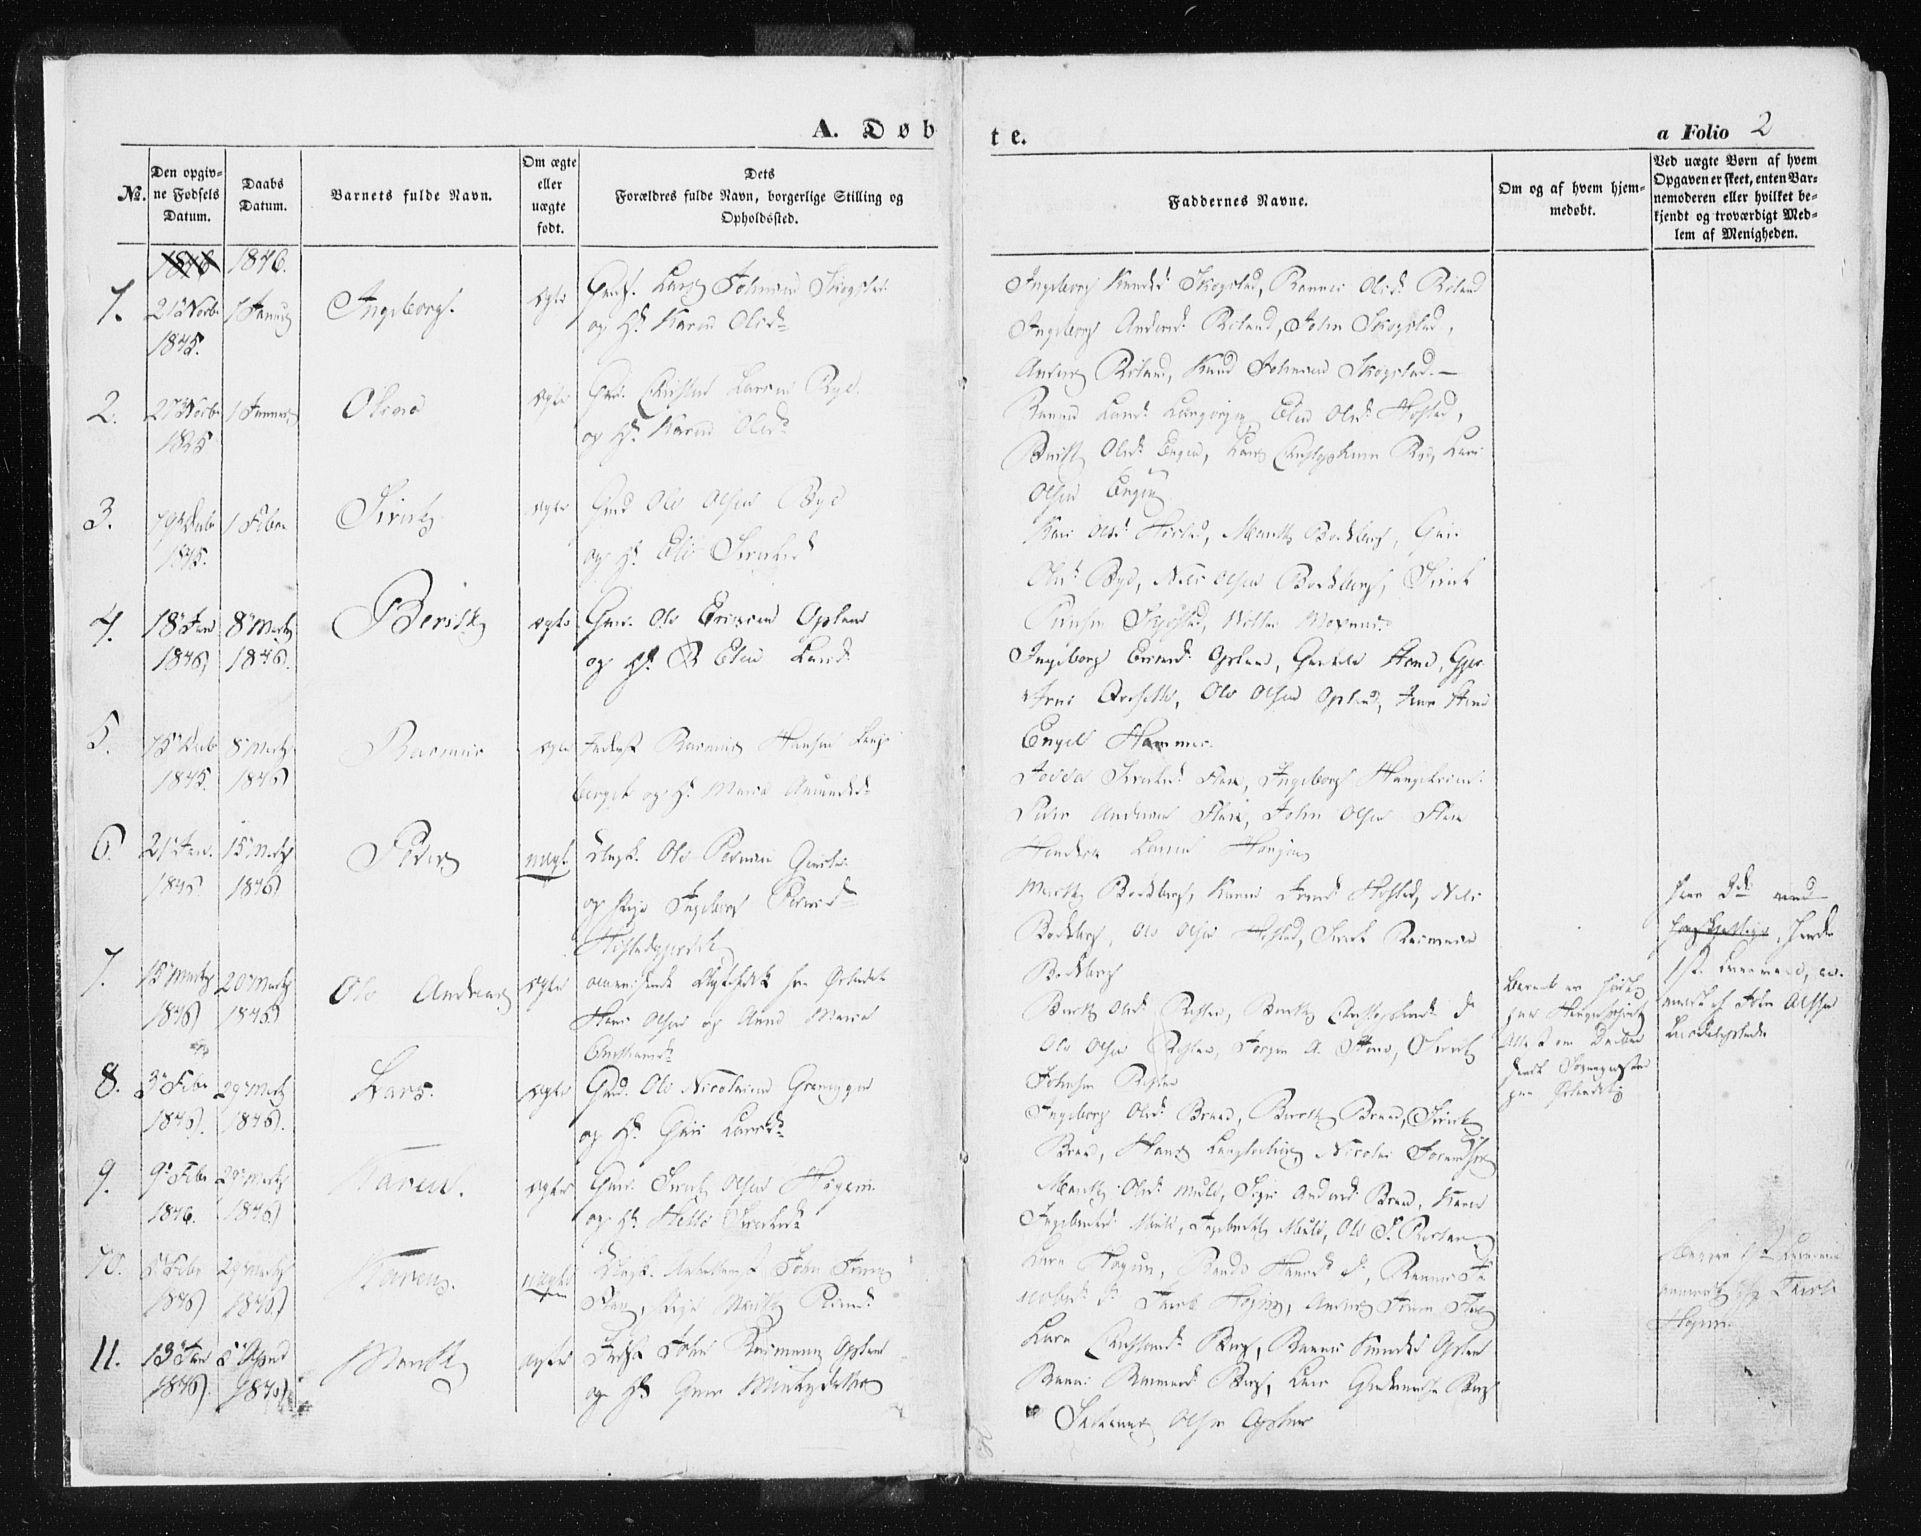 SAT, Ministerialprotokoller, klokkerbøker og fødselsregistre - Sør-Trøndelag, 612/L0376: Ministerialbok nr. 612A08, 1846-1859, s. 2